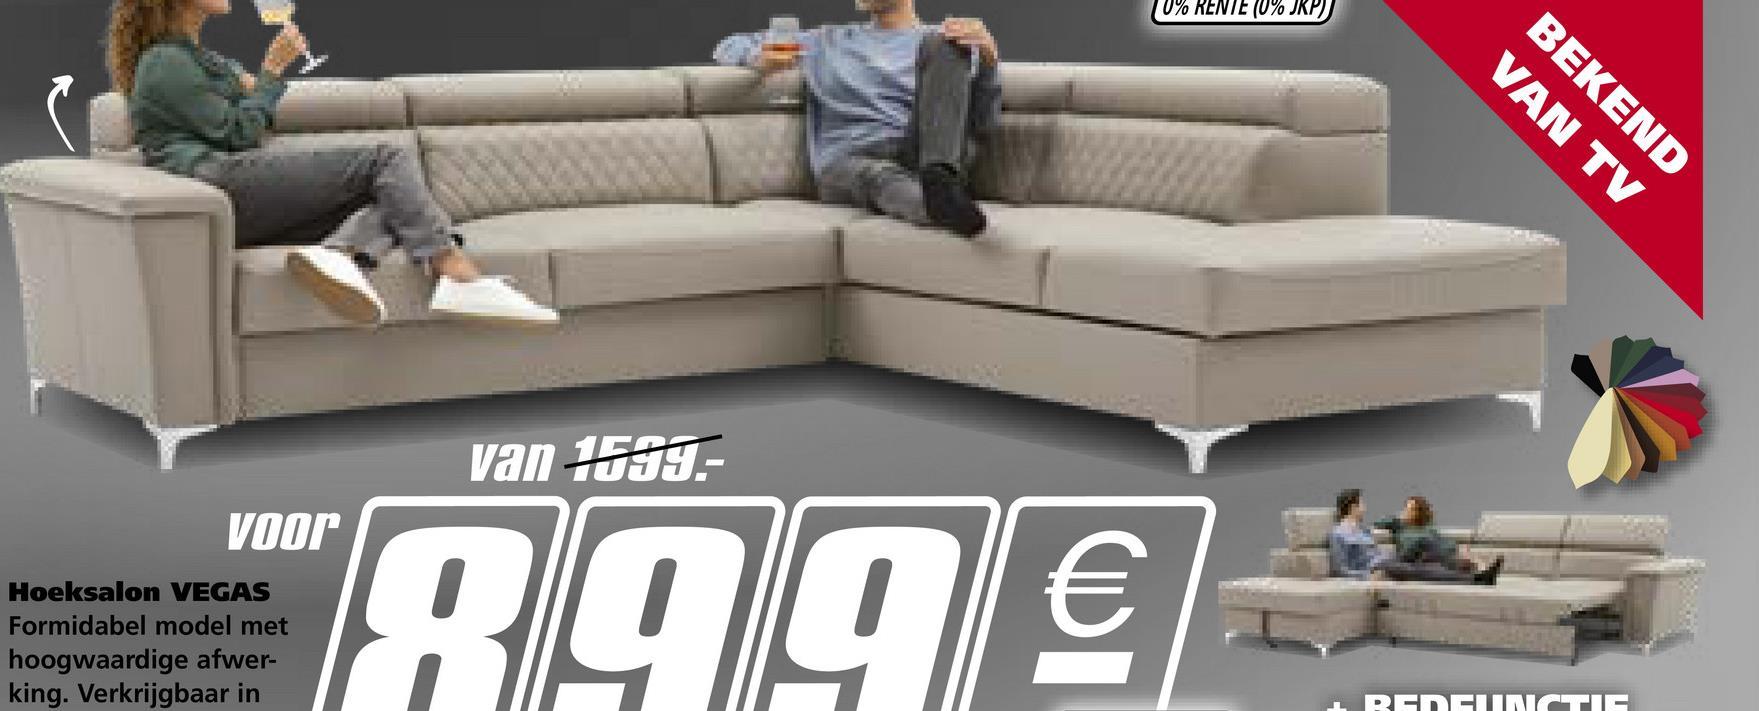 """10% RENTE (0% JRP) BEKEND VAN TV van 1519.- voor Hoeksalon VEGAS Formidabel model met hoogwaardige afwer- king. Verkrijgbaar in """"R99€ REOCUINCTIS"""